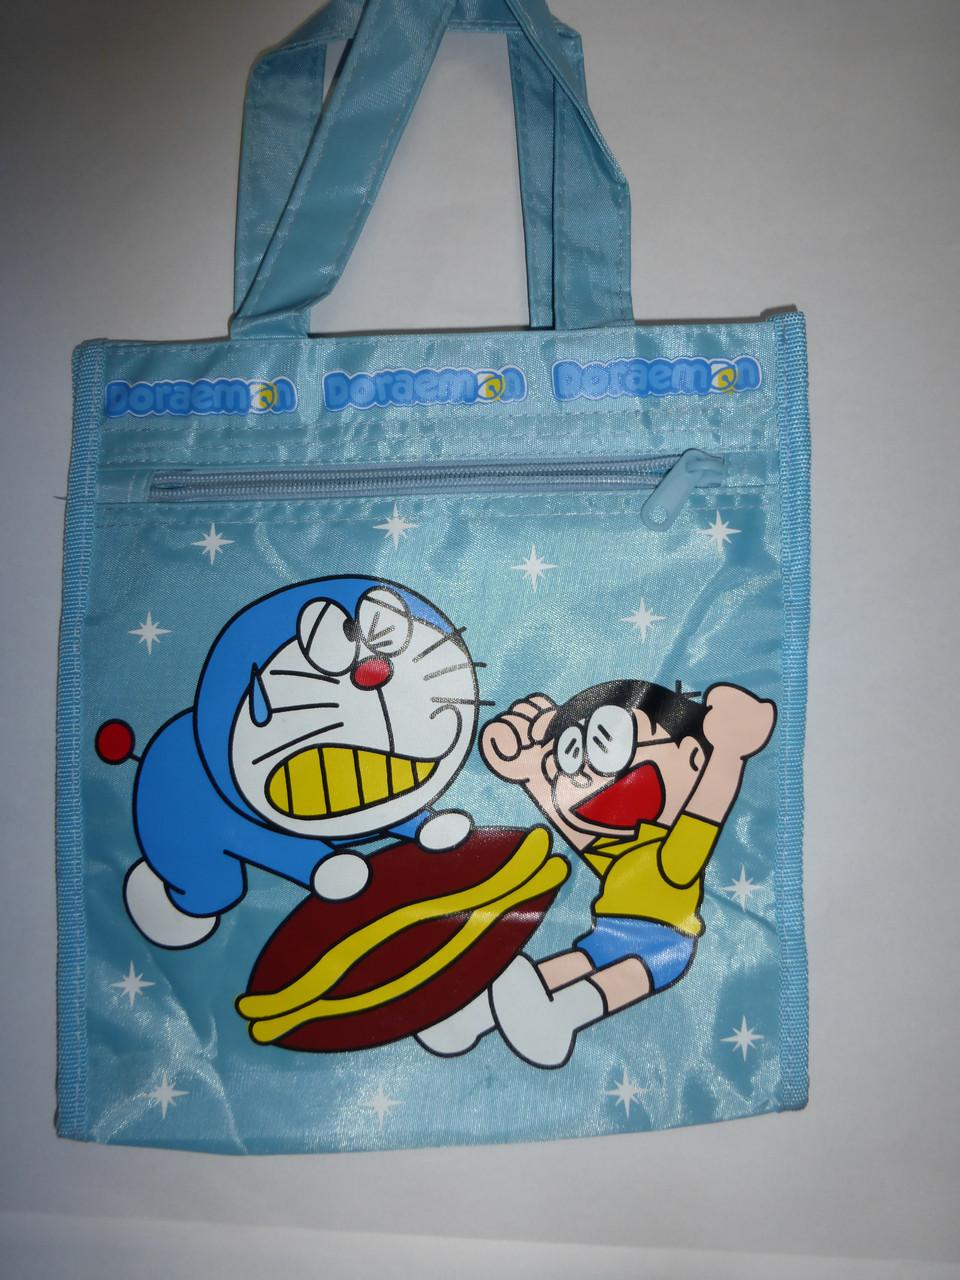 3663bb6d68a5 Сумка-портфель В4 детская объемная с 2-мя отделениями - Интернет-магазин